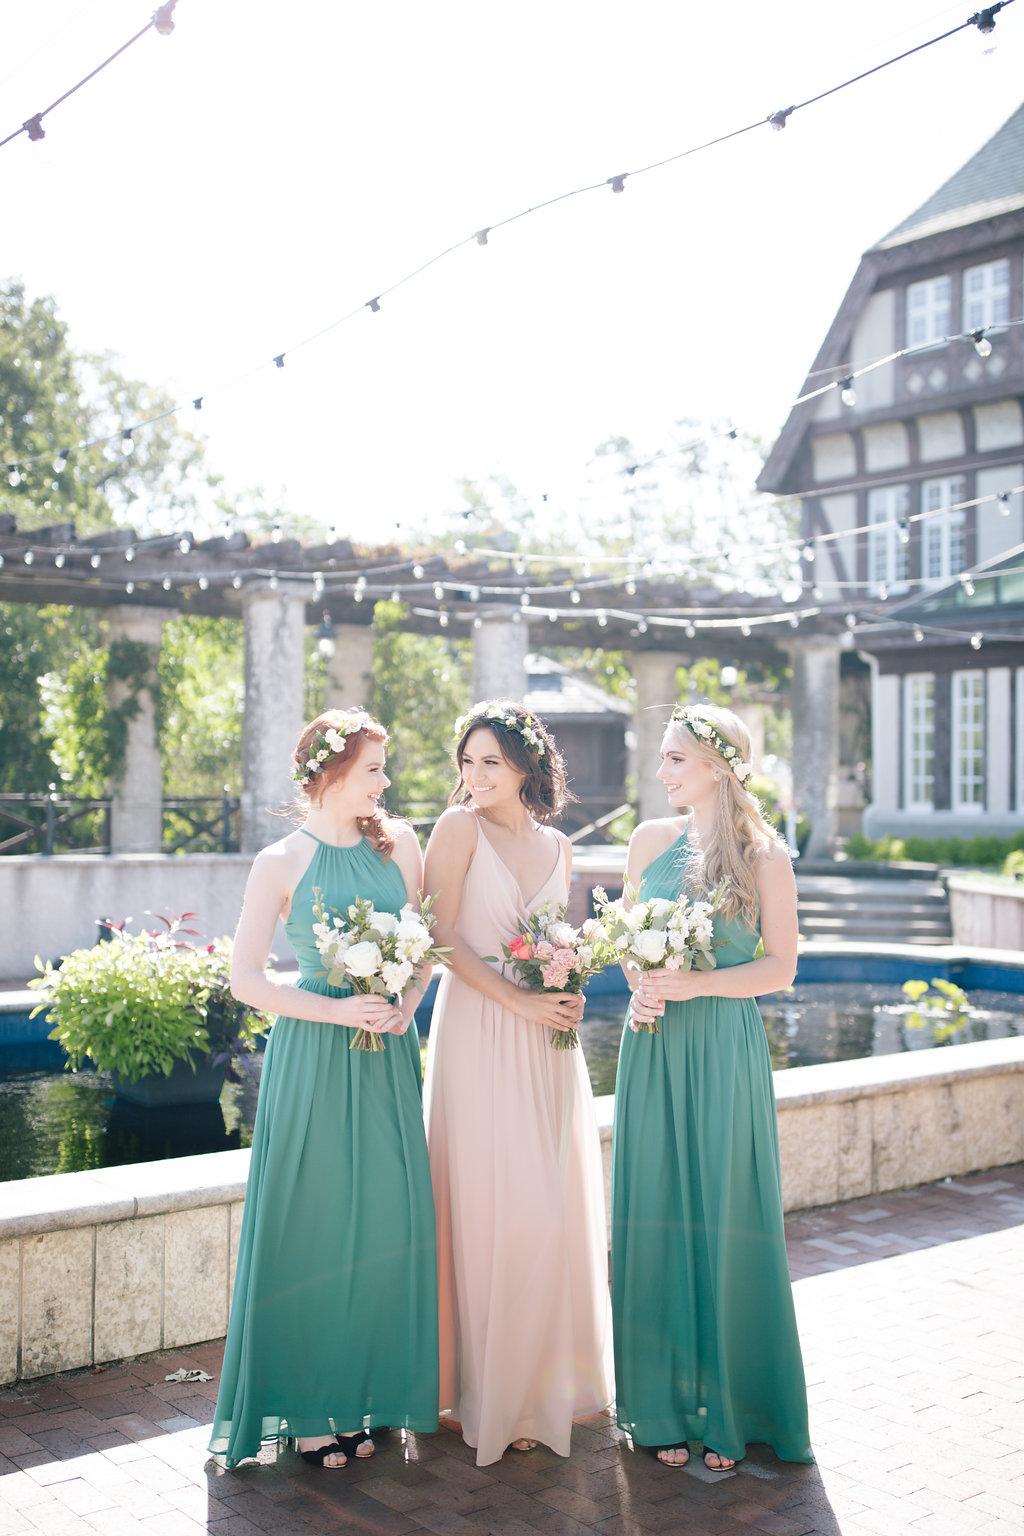 HUSH Bridal Collection